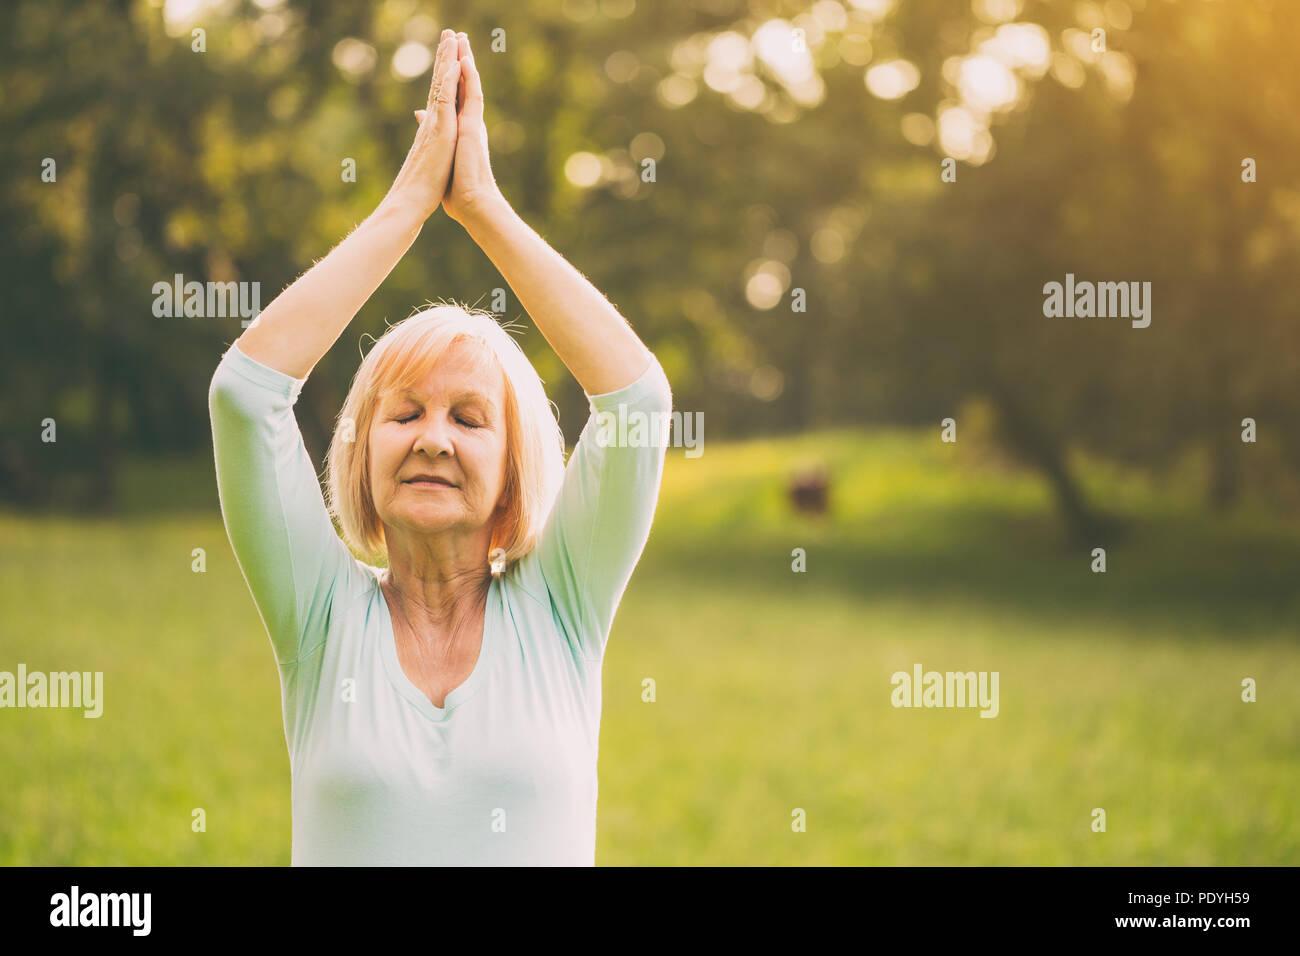 Ältere Frau genießt Meditieren in der Natur. Bild absichtlich abgeschwächt ist. Stockbild